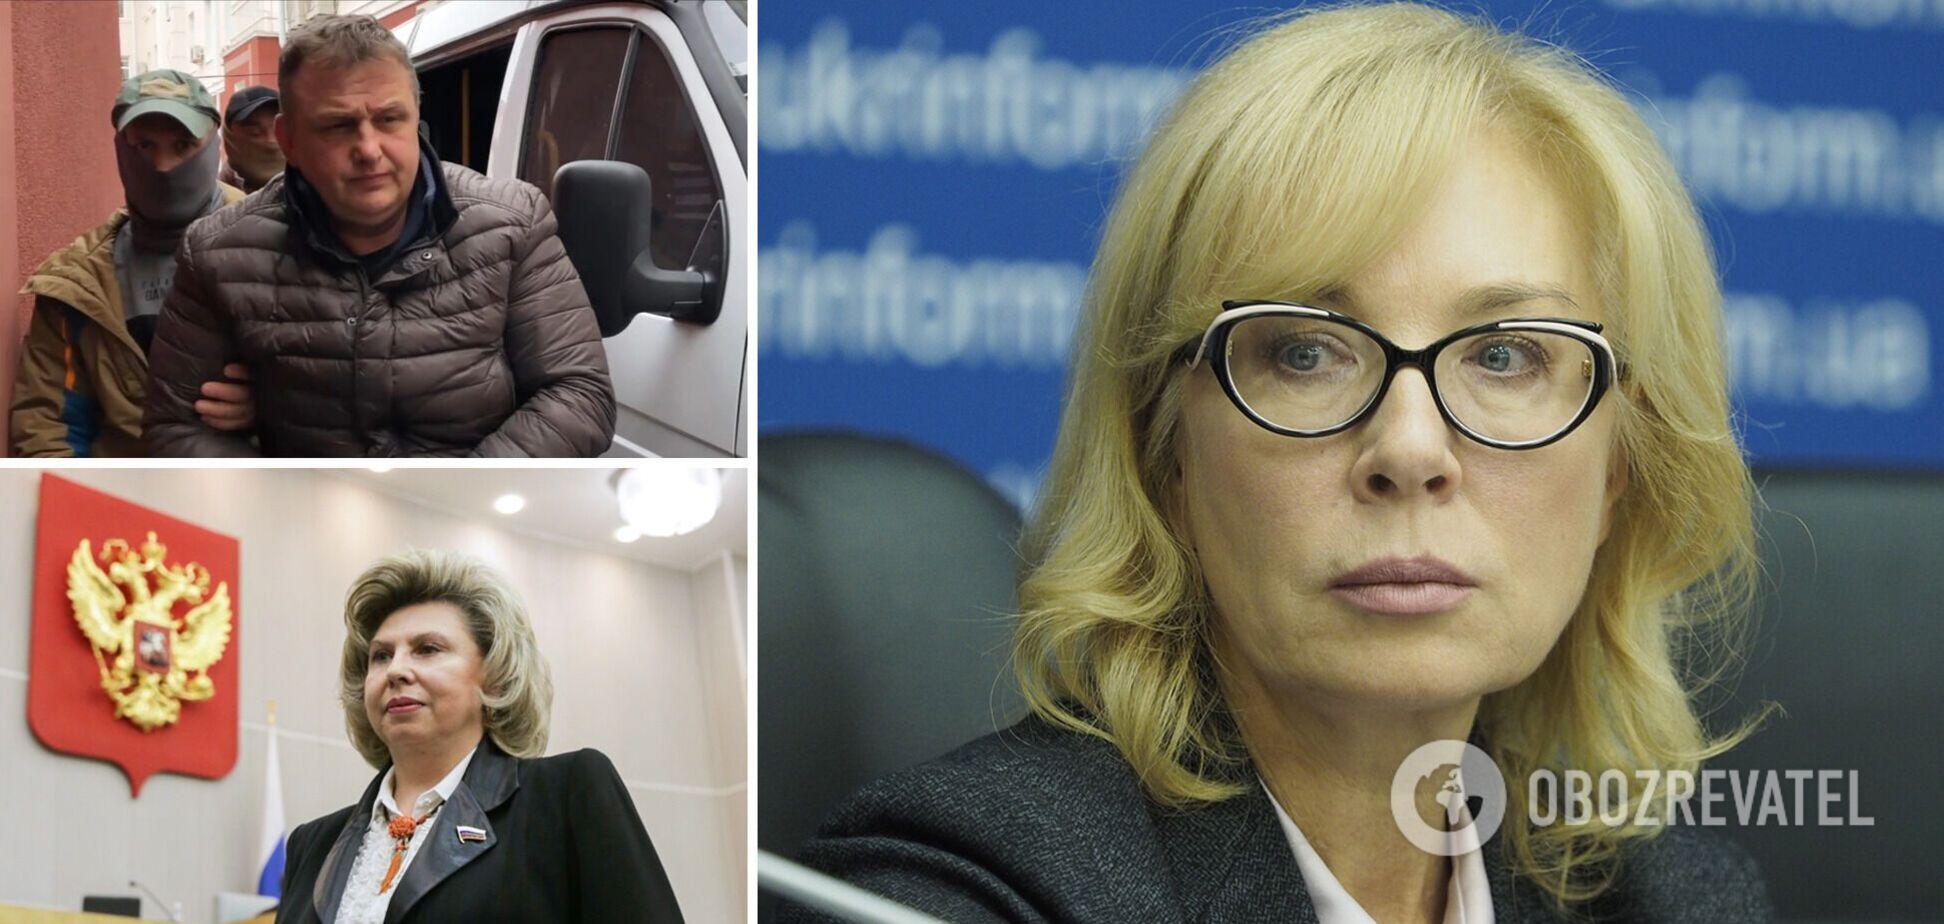 Денисова обратилась к омбудсмену РФ из-за пыток украинского журналиста в Крыму